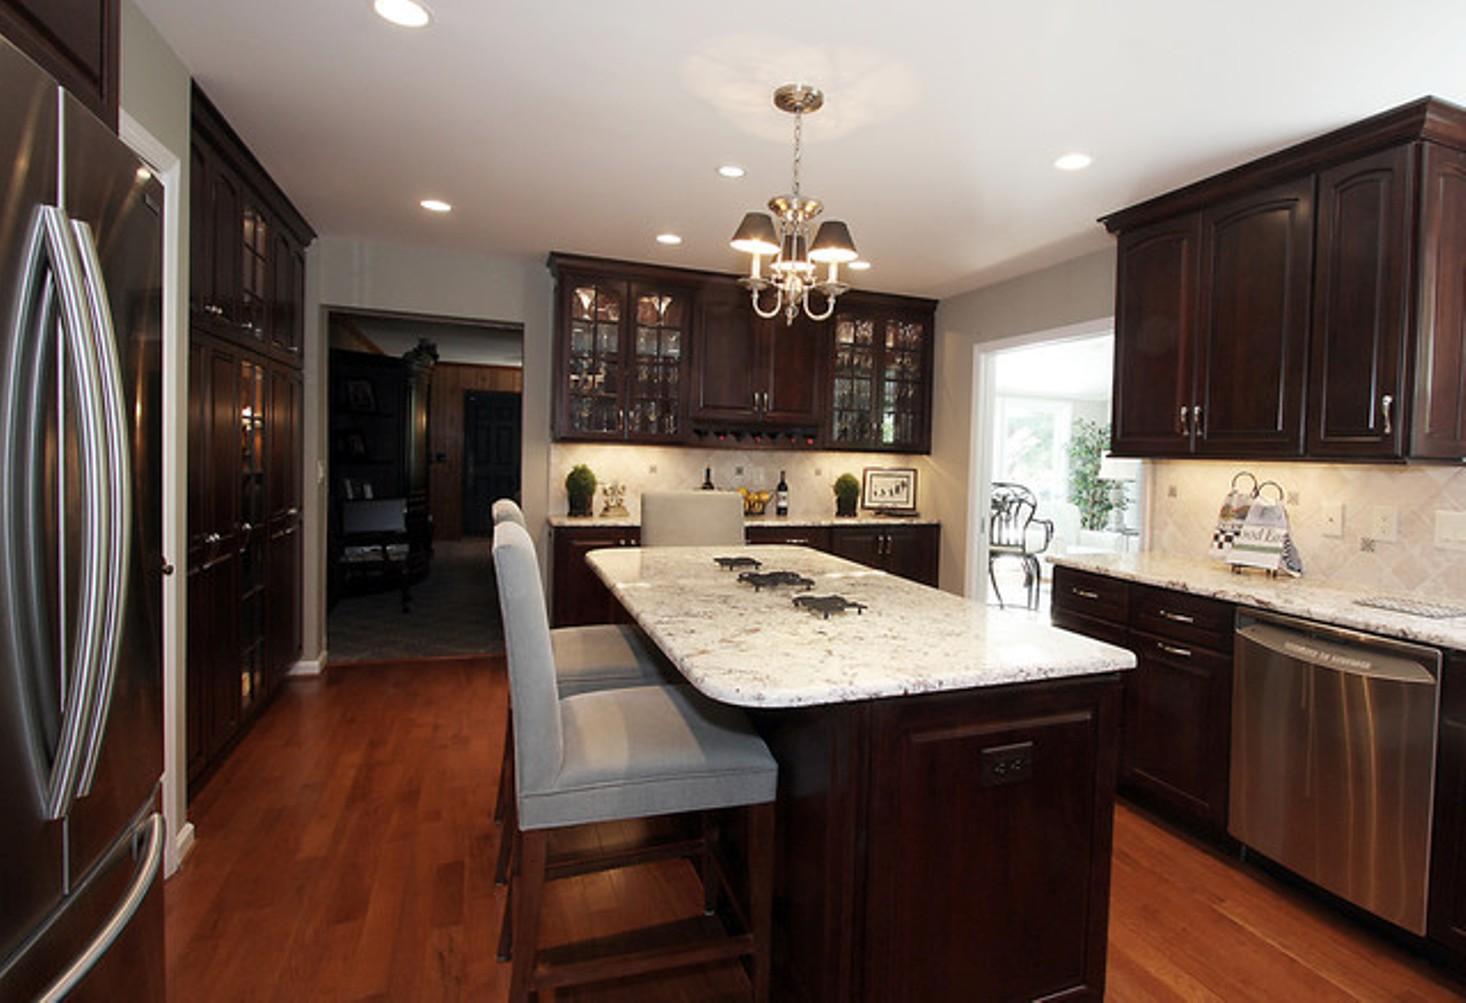 kitchen-renovation-ideas-throughout-average-cost-of-small-kitchen-remodel-6-design-ideas-kitchen